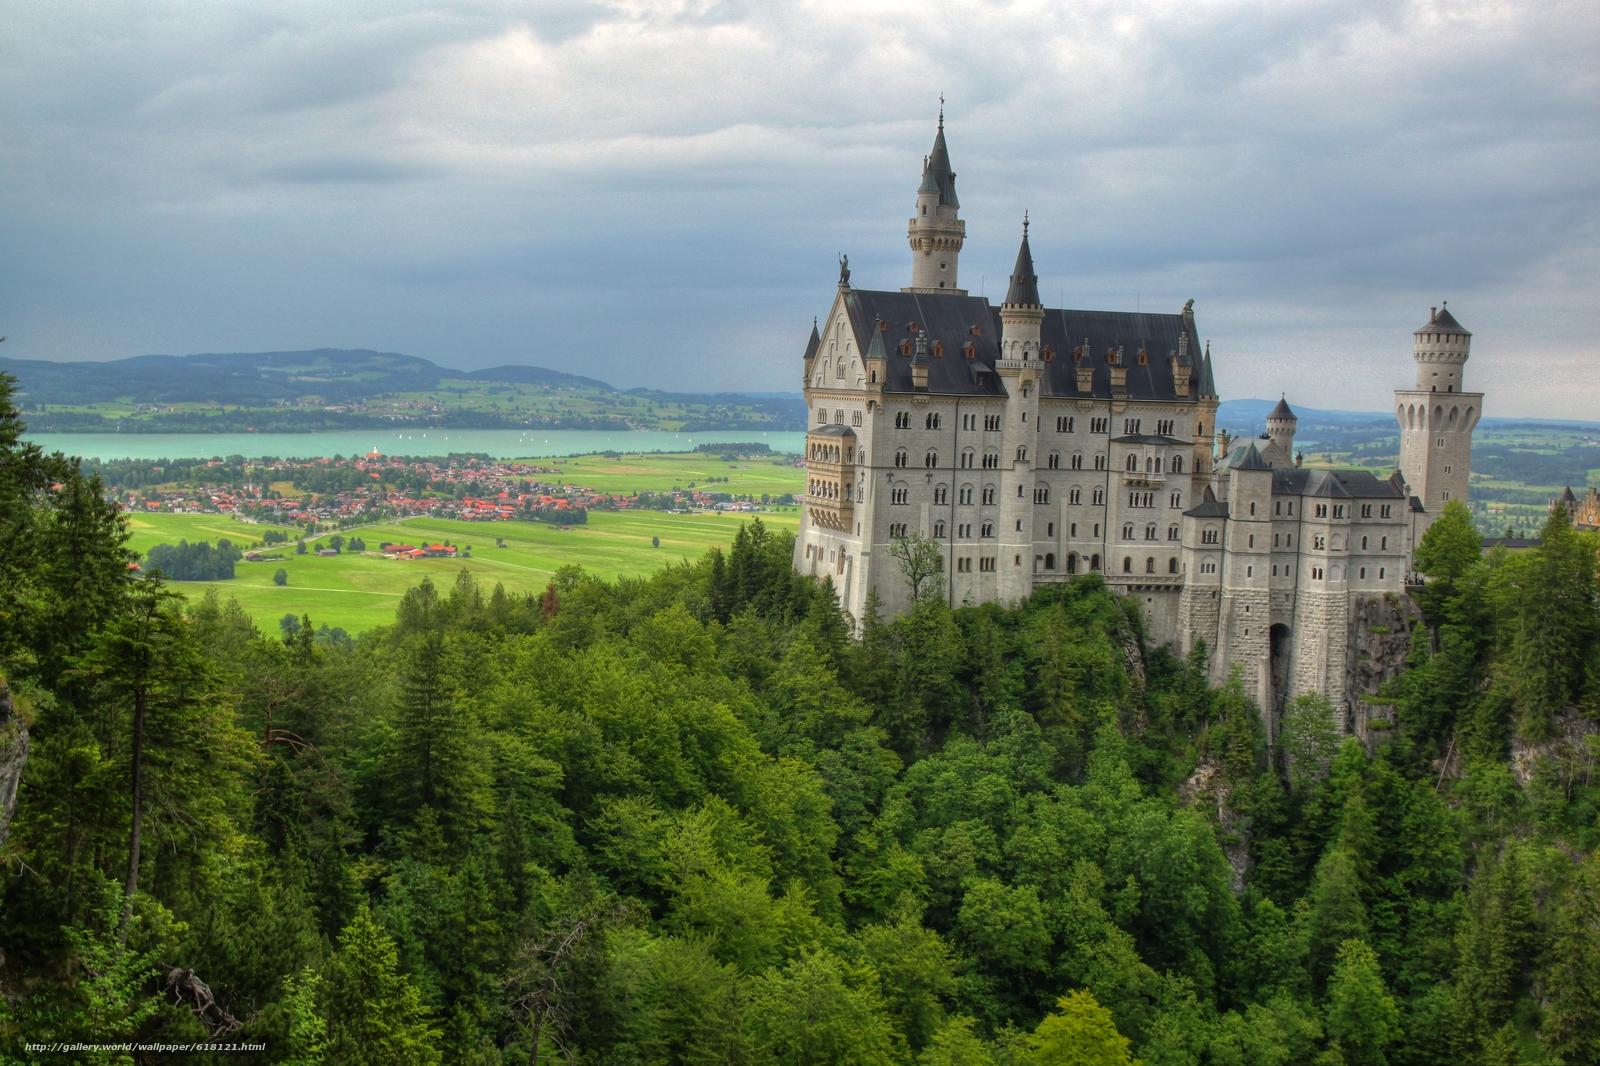 scaricare gli sfondi Castello di Neuschwanstein,  Baviera,  Germania,  Castello di Neuschwanstein Sfondi gratis per la risoluzione del desktop 4741x3158 — immagine №618121